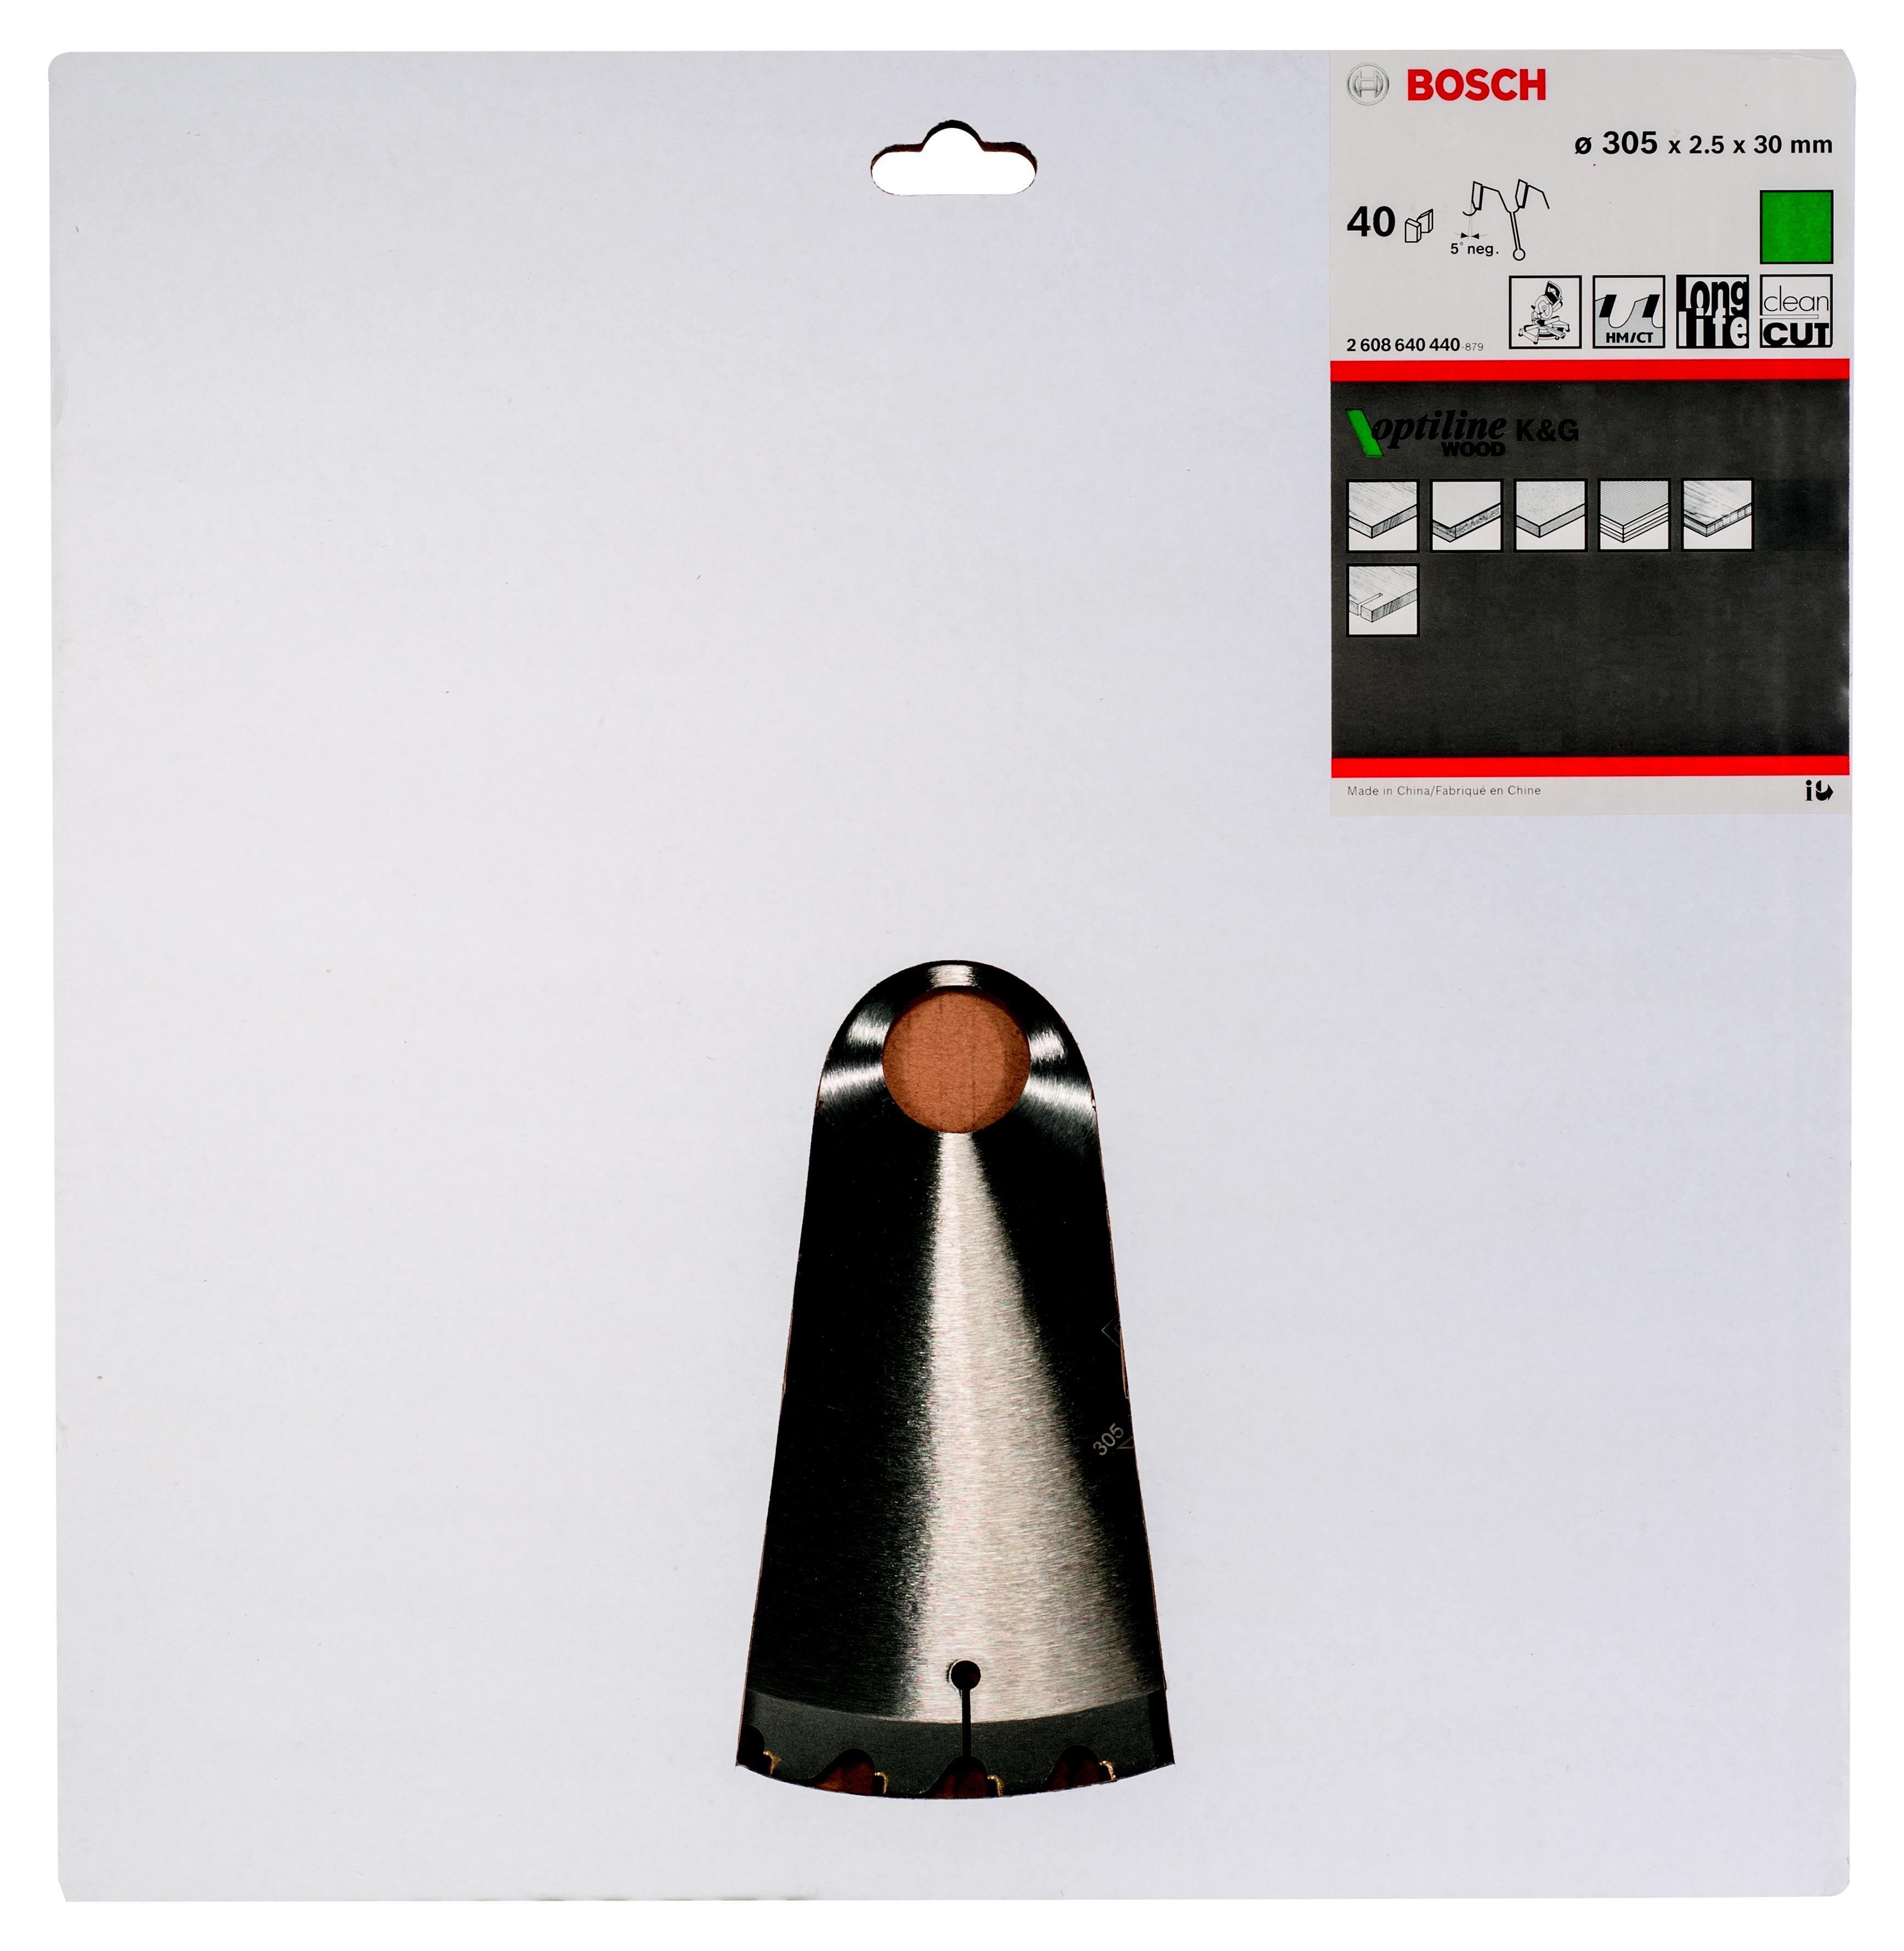 Диск пильный твердосплавный Bosch Optiline wood 305x40x30 gcm 12 (2.608.640.440)